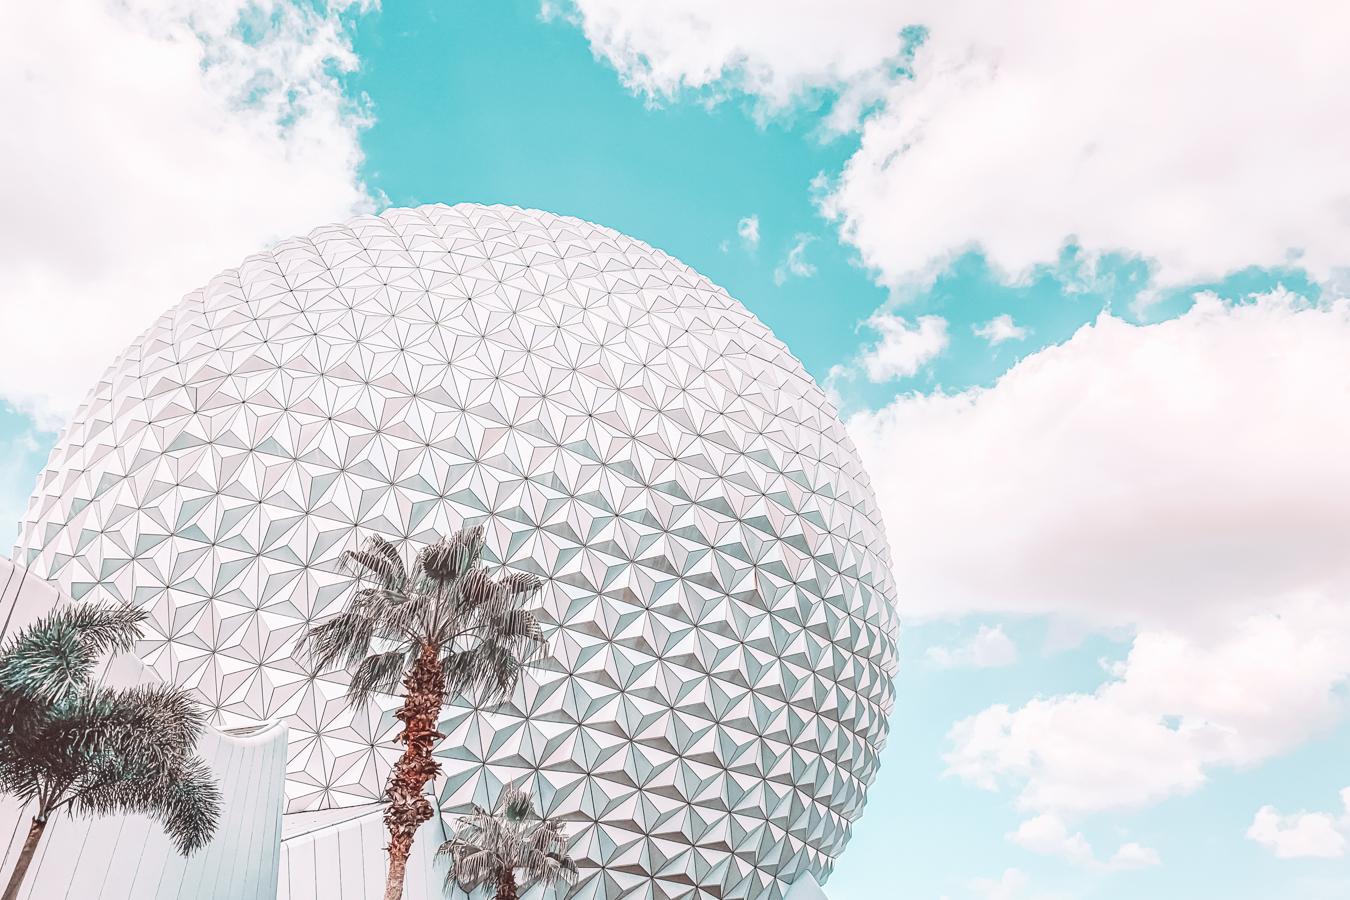 Epcot Ball in Orlando